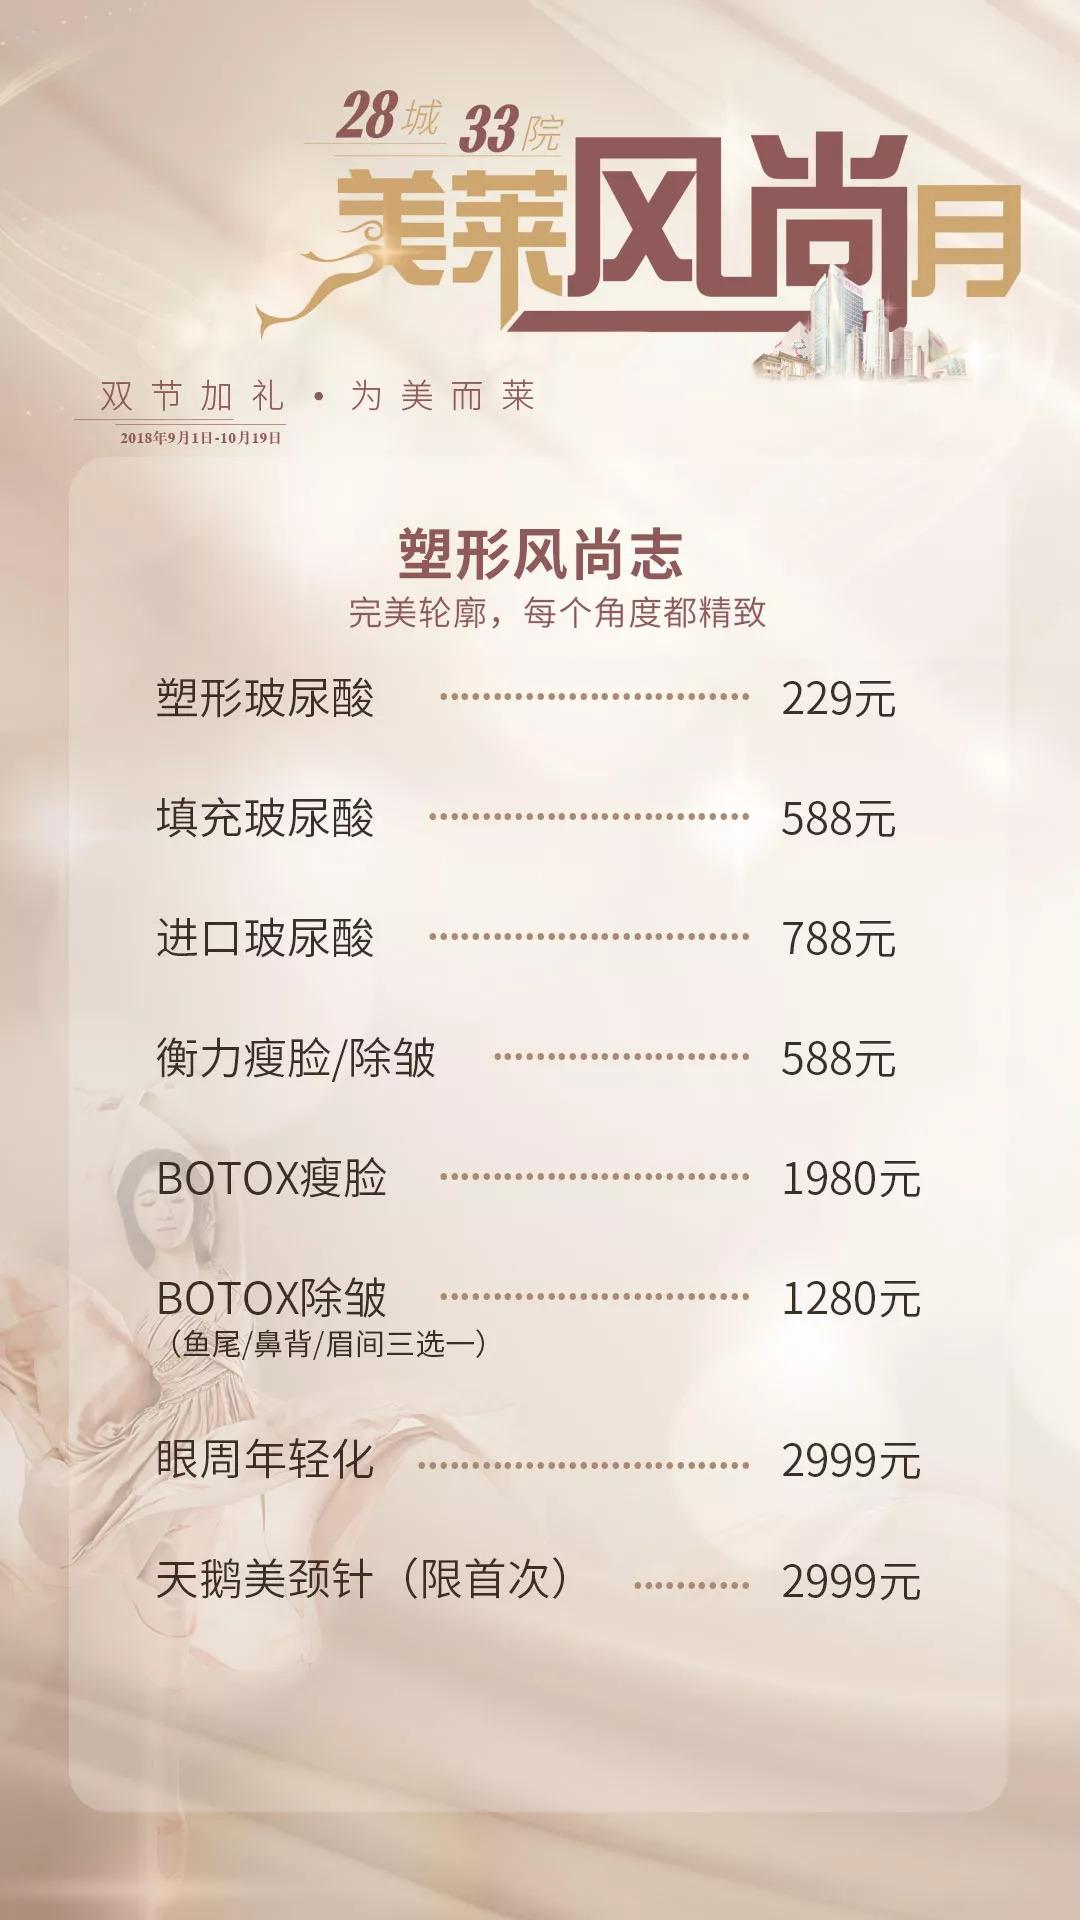 上海美莱玻尿酸|一种非常理想的嘟嘟唇Get方法